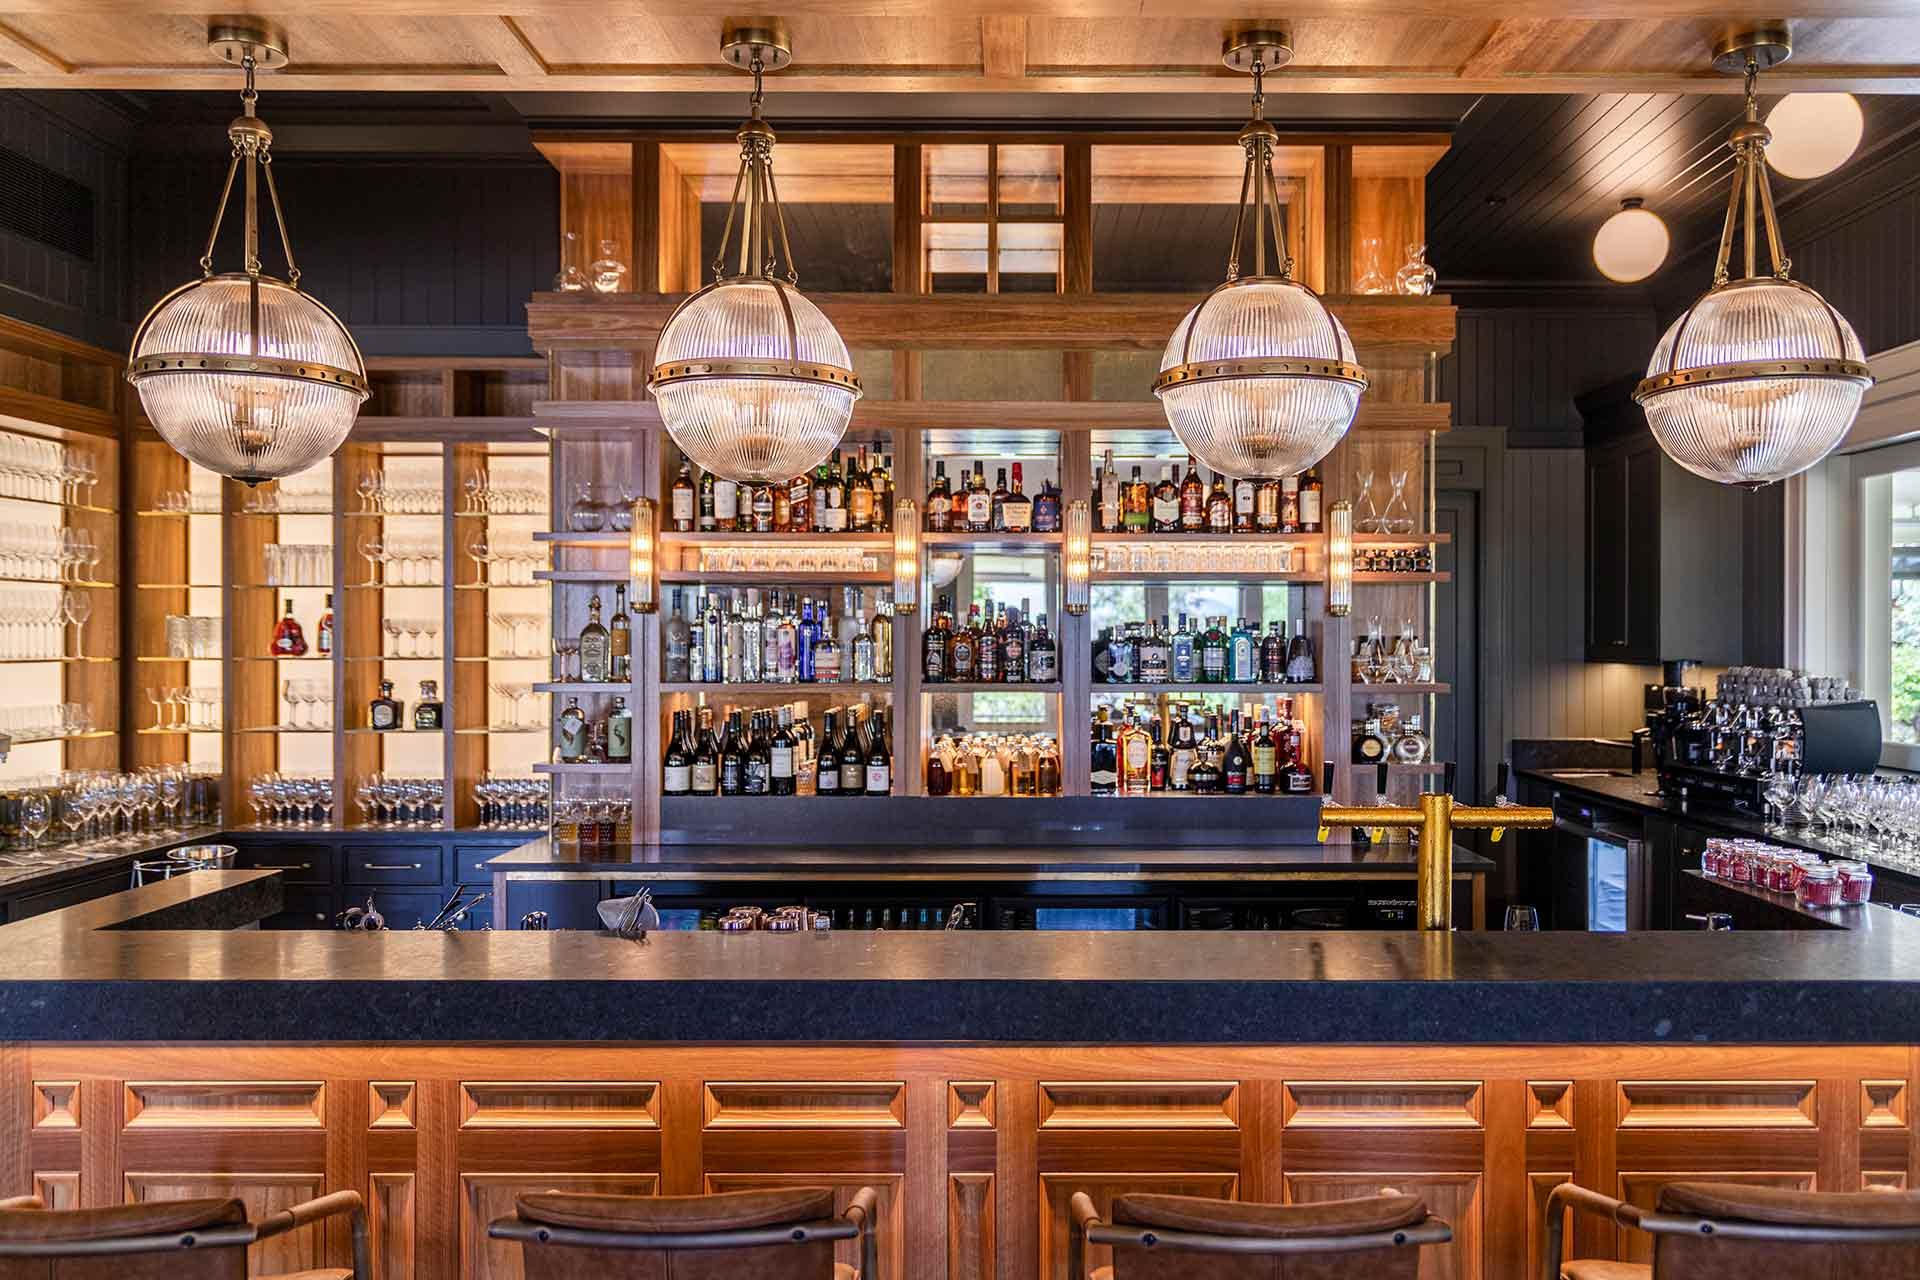 Sliced Veneer Interior Design for Bars and Restaurants